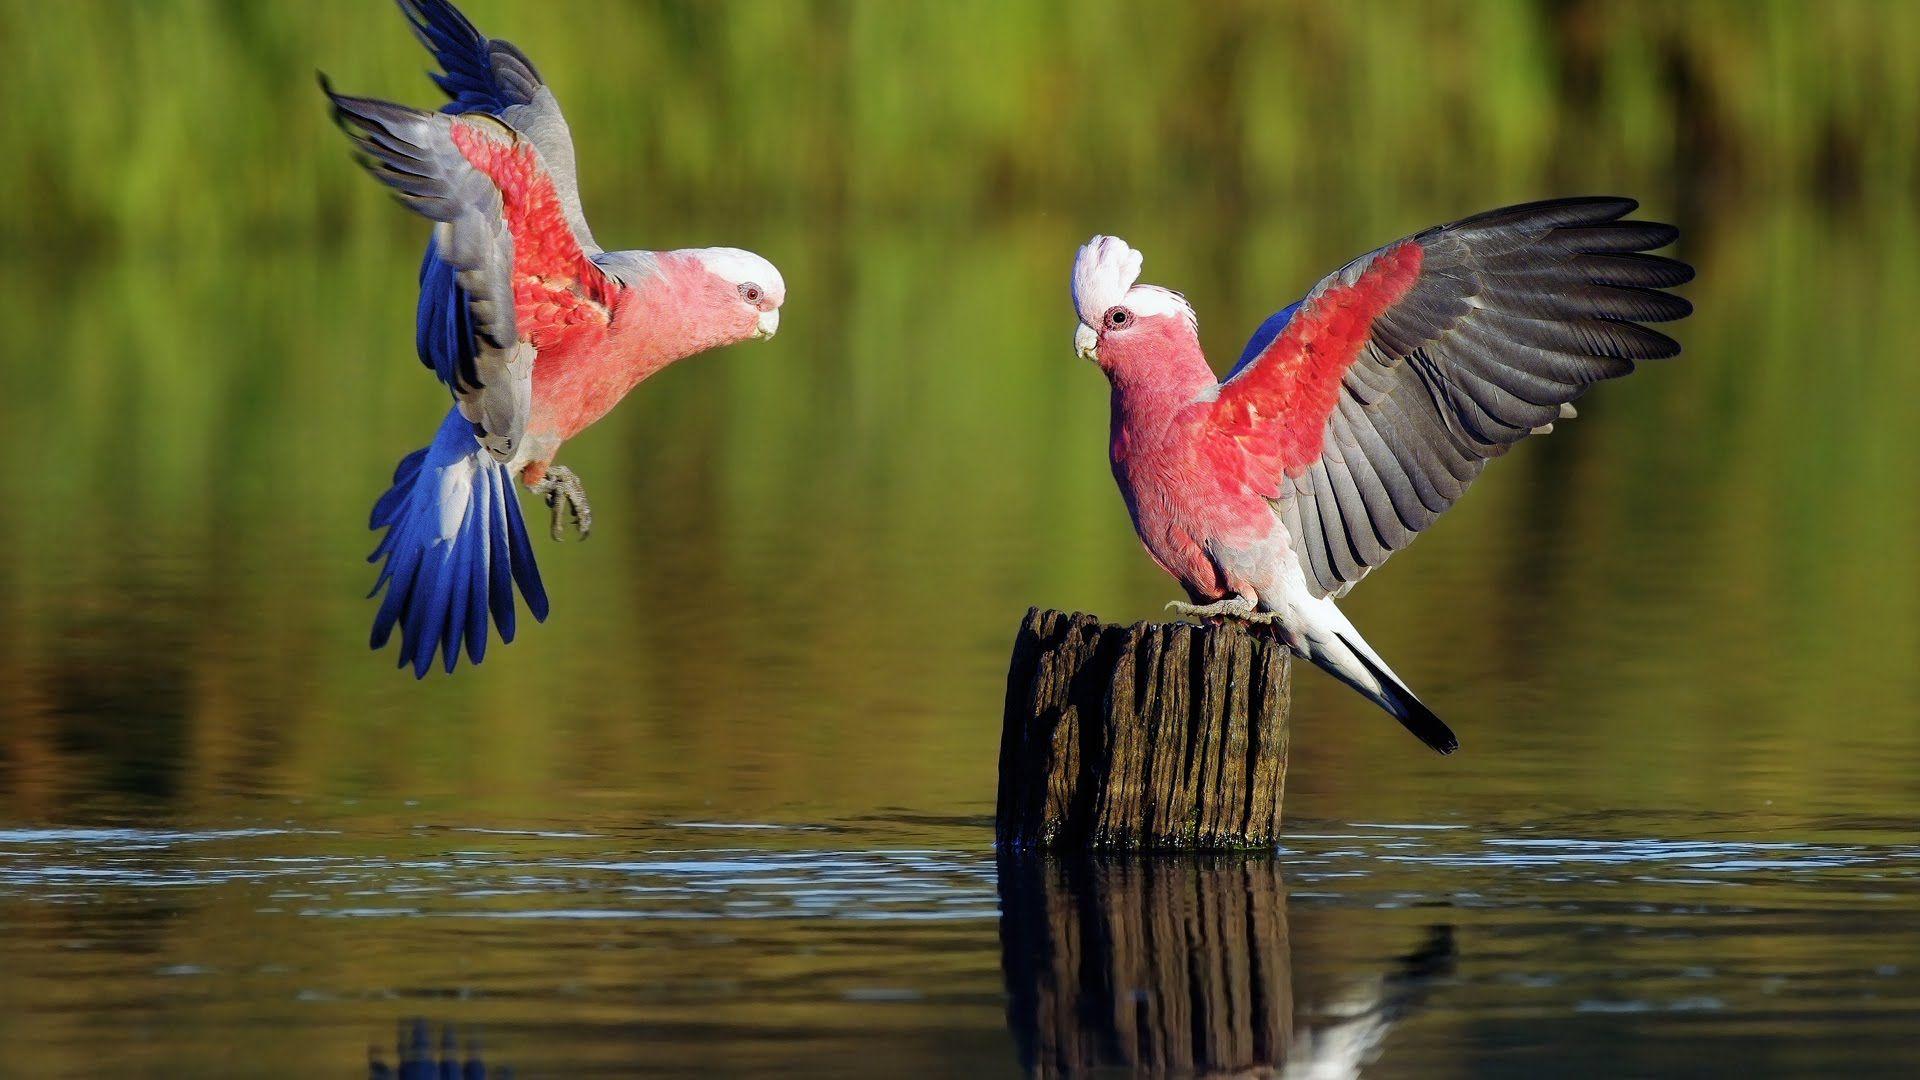 وثائقي استراليا ارض الببغاء مدبلج بجودة عالية جدا Beautiful Bird Wallpaper Animals Birds Wallpaper Hd